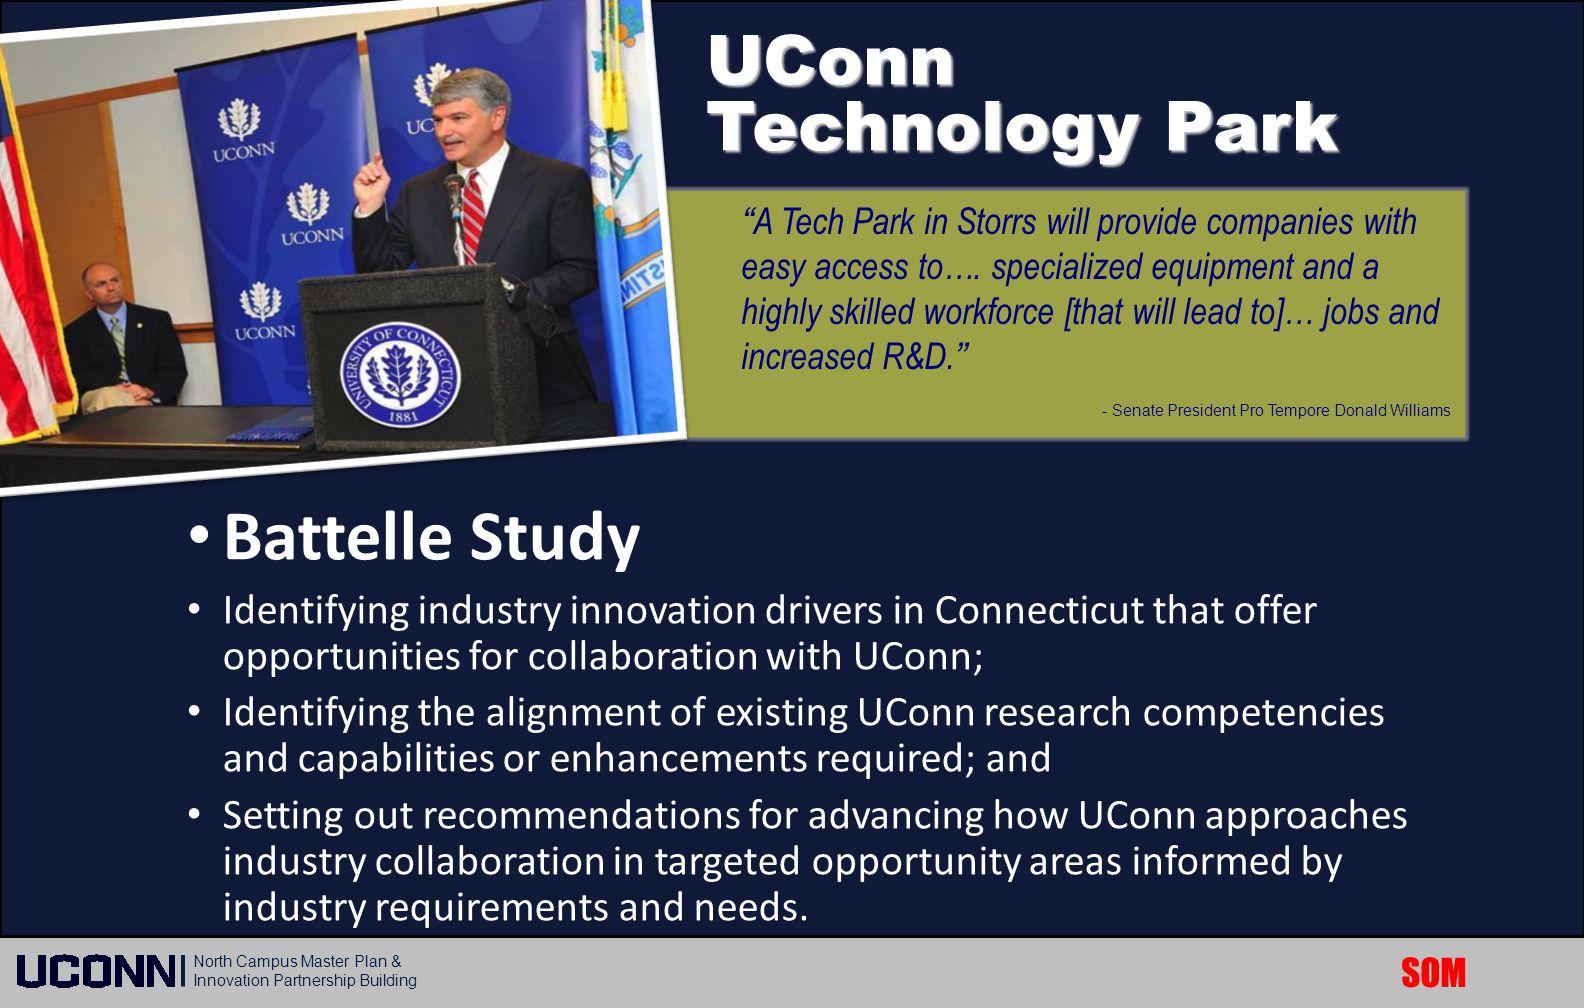 Battelle Study UConn Technology Park